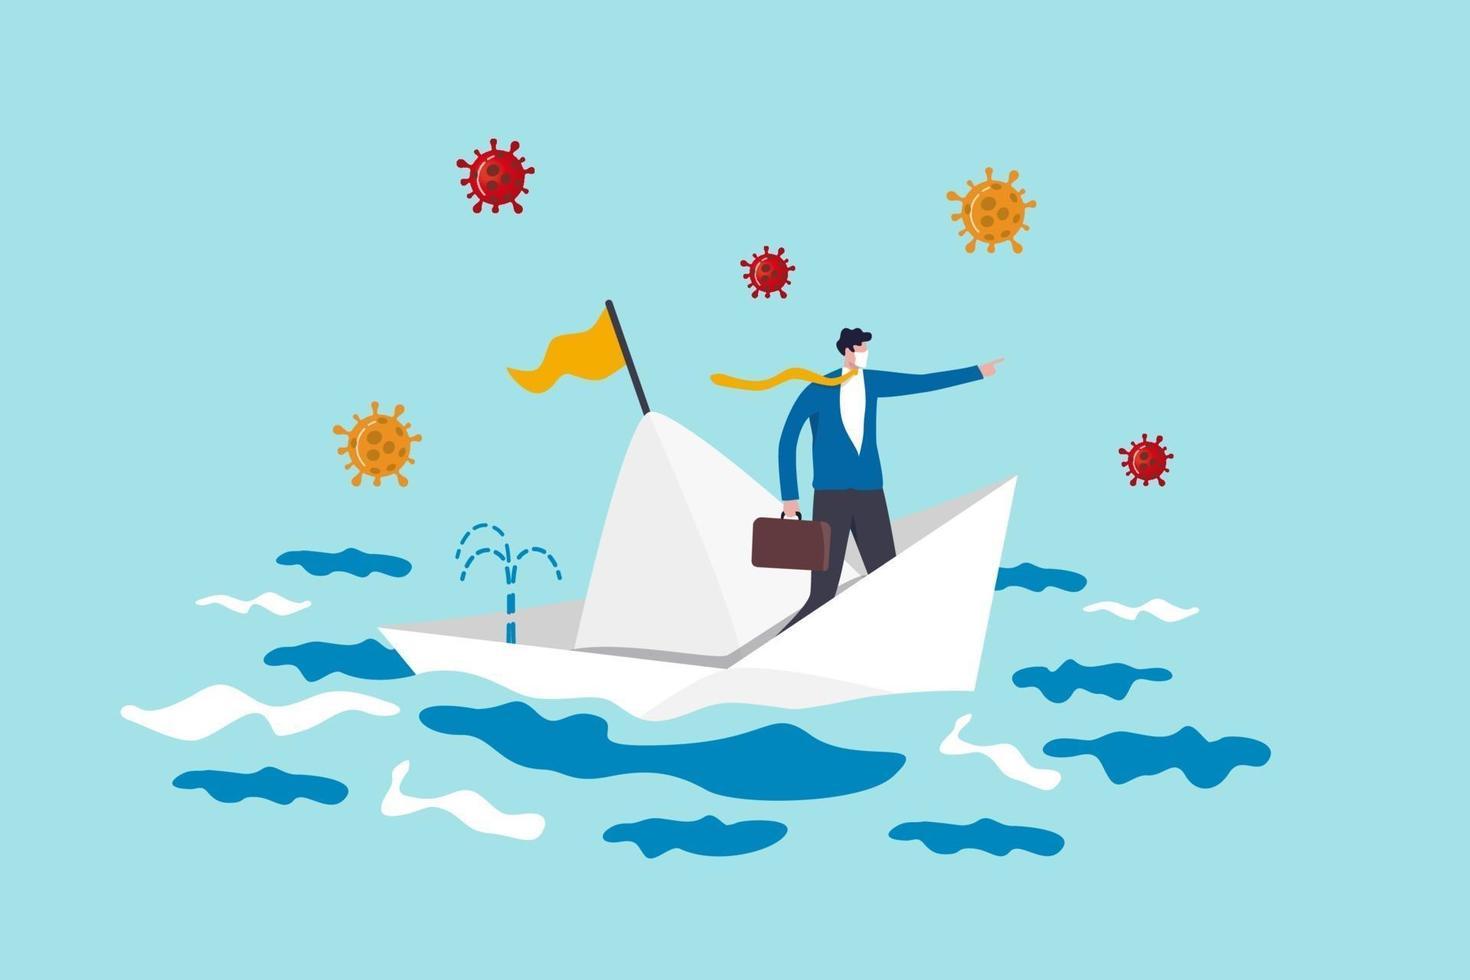 liderazgo para la gestión de crisis en la pandemia del coronavirus covid-19 que causa el concepto de recesión económica, el líder de la empresa de negocios logra sobrevivir en una situación de barco que se hunde con un virus patógeno. vector